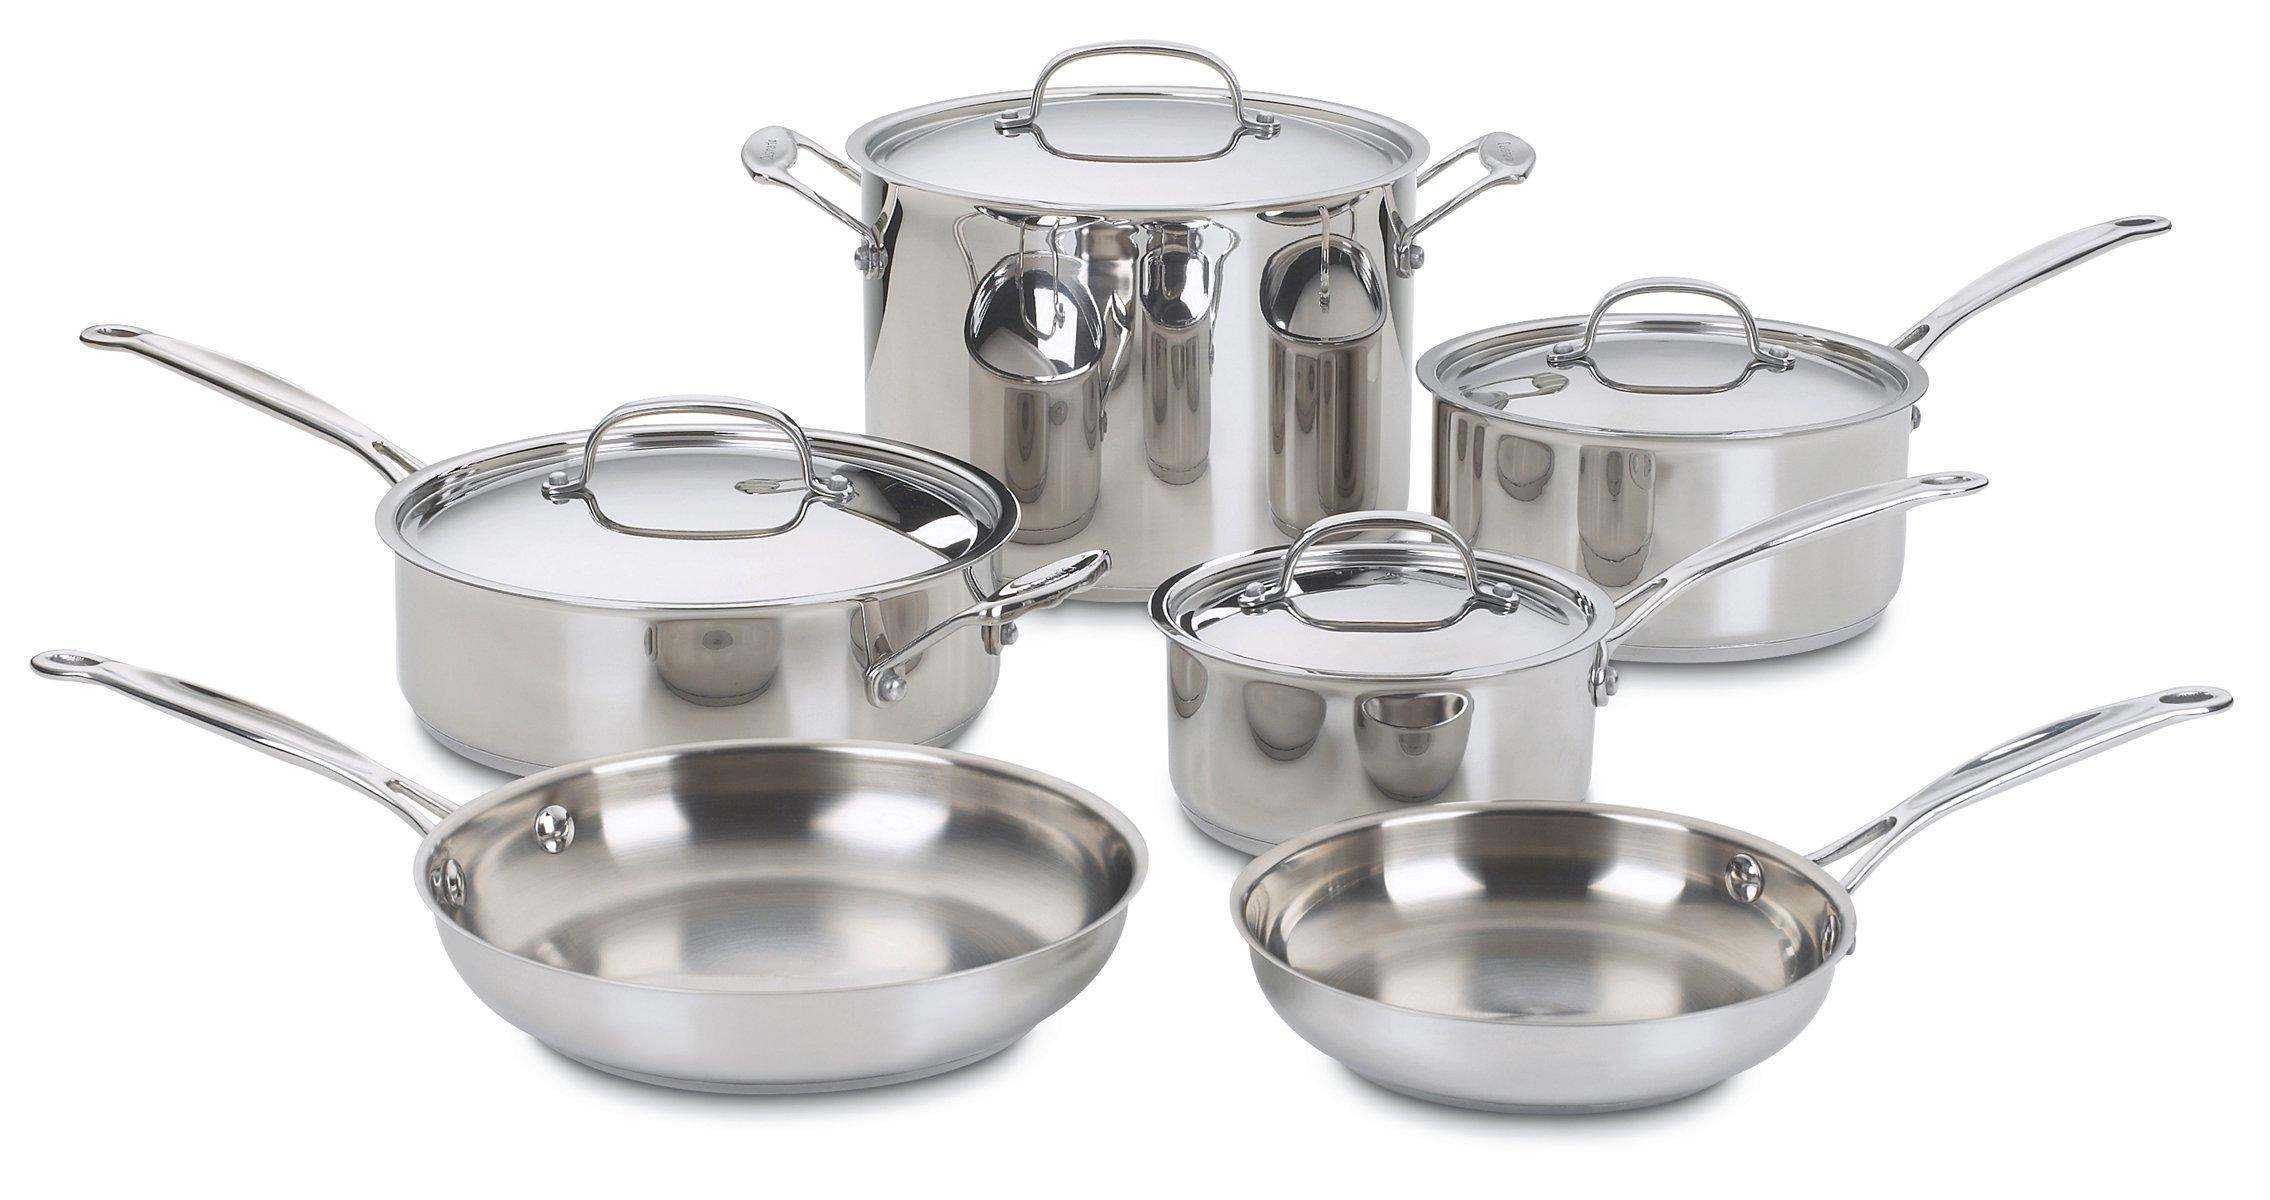 Cuisinart 77 10 Stainless 10 Piece Cookware